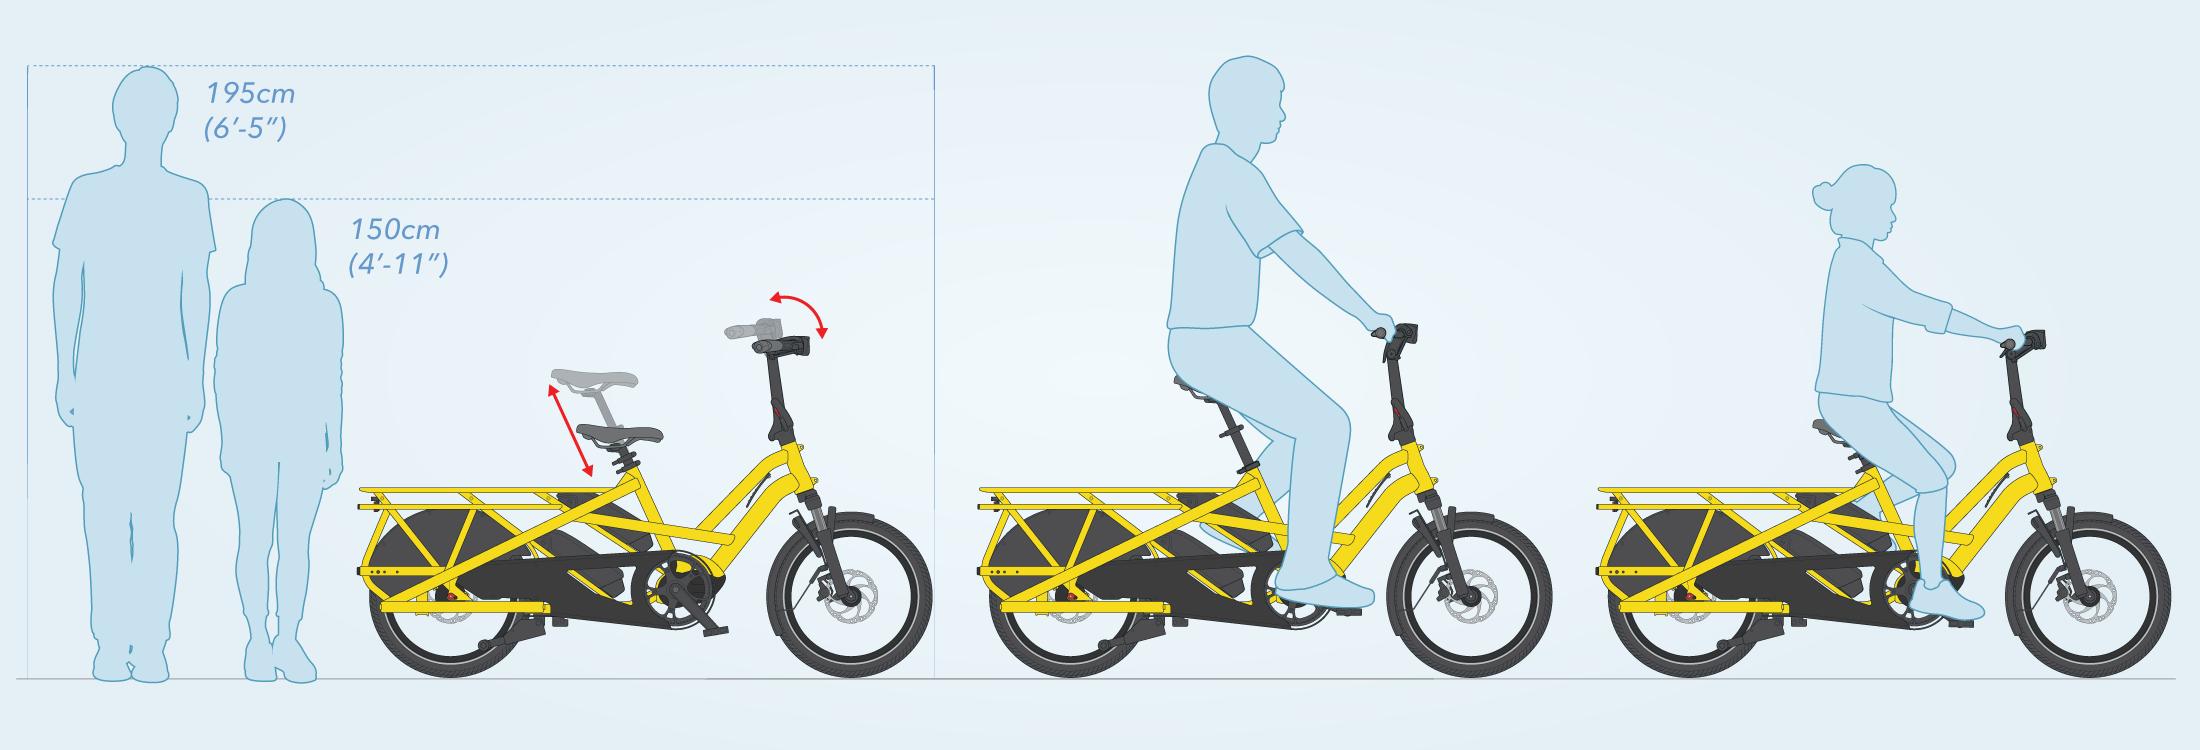 Tern GSD S10 Familien E-Bike